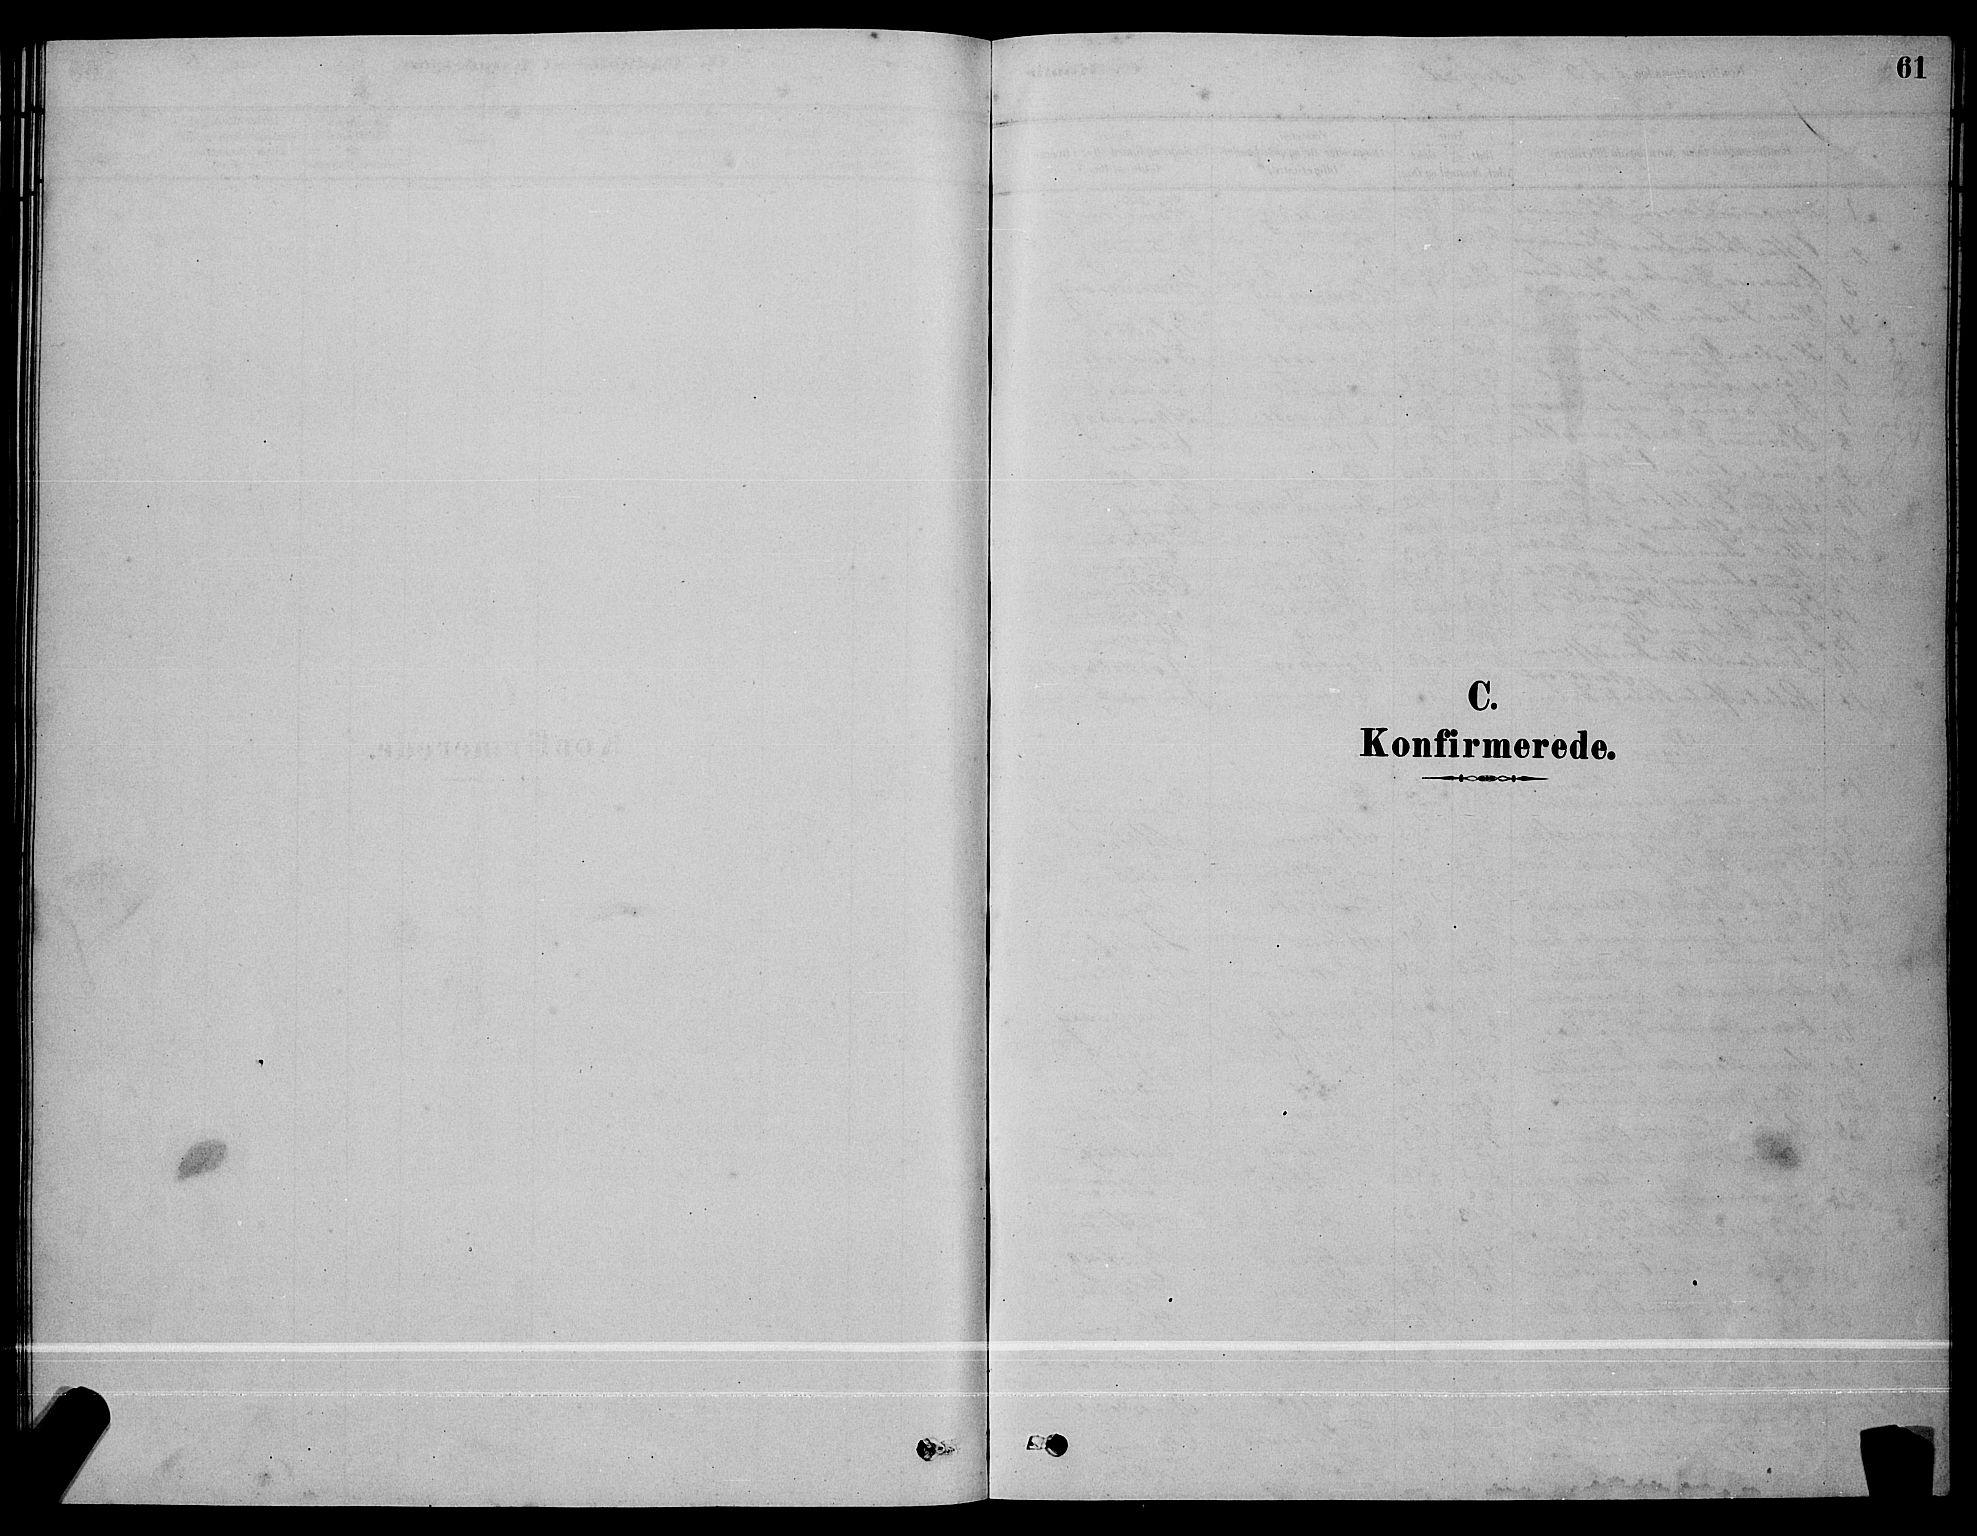 SAT, Ministerialprotokoller, klokkerbøker og fødselsregistre - Sør-Trøndelag, 641/L0597: Klokkerbok nr. 641C01, 1878-1893, s. 61